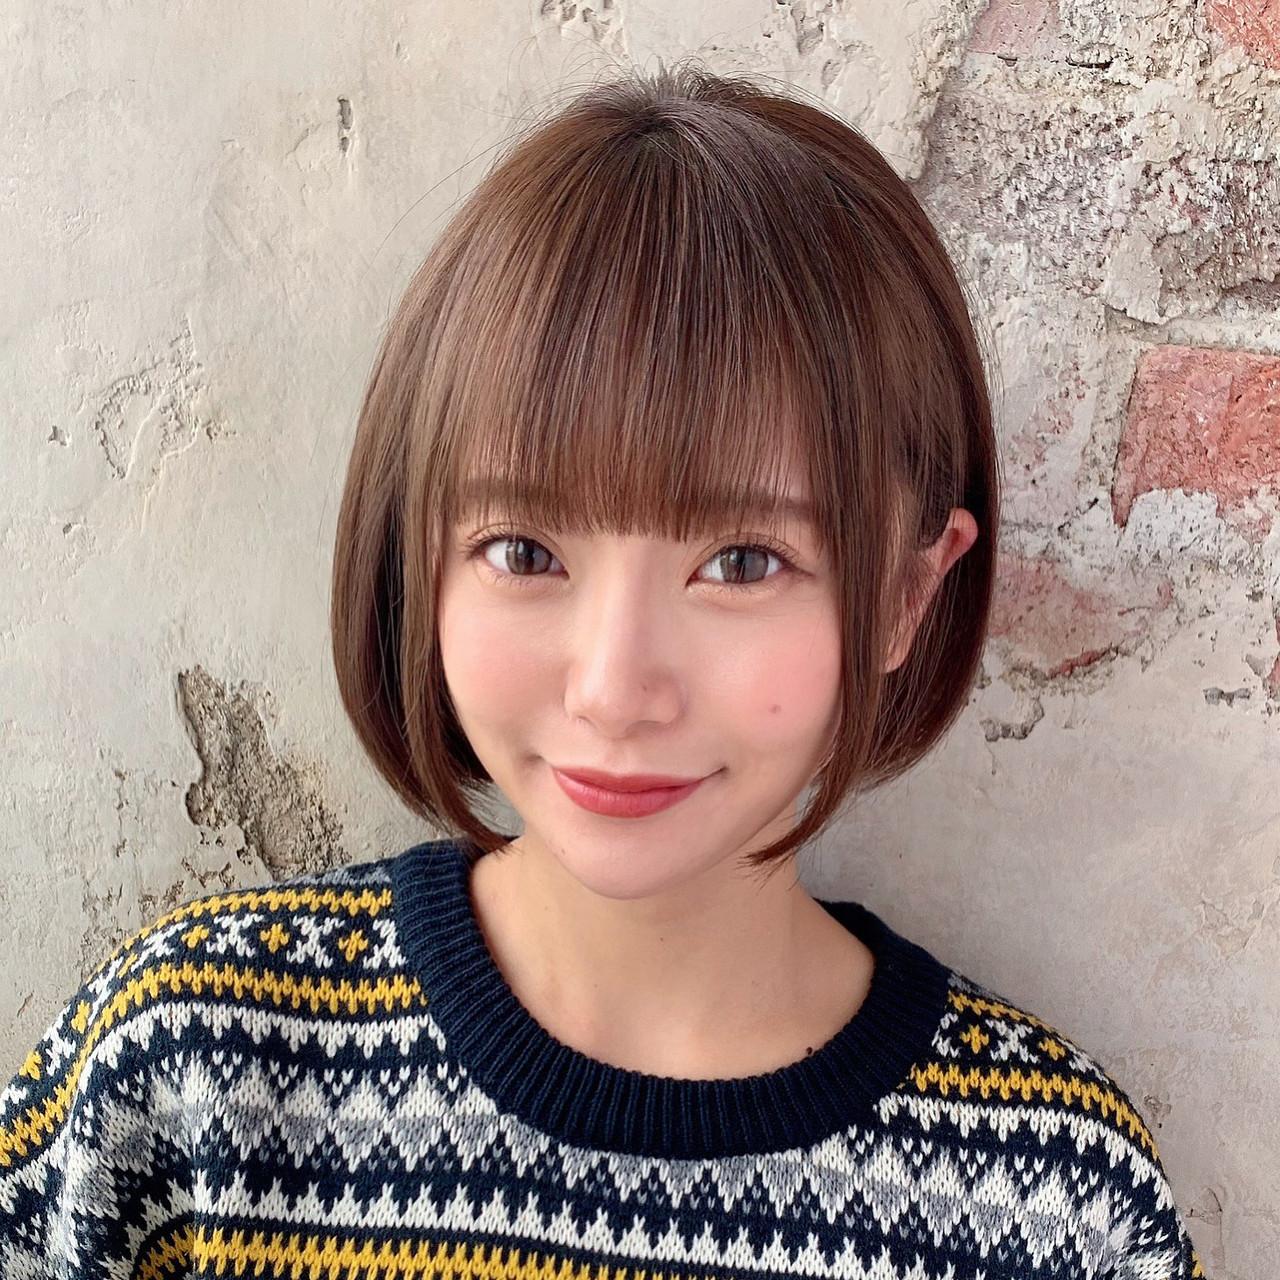 小顔ヘア ショート ミニボブ 似合わせカット ヘアスタイルや髪型の写真・画像